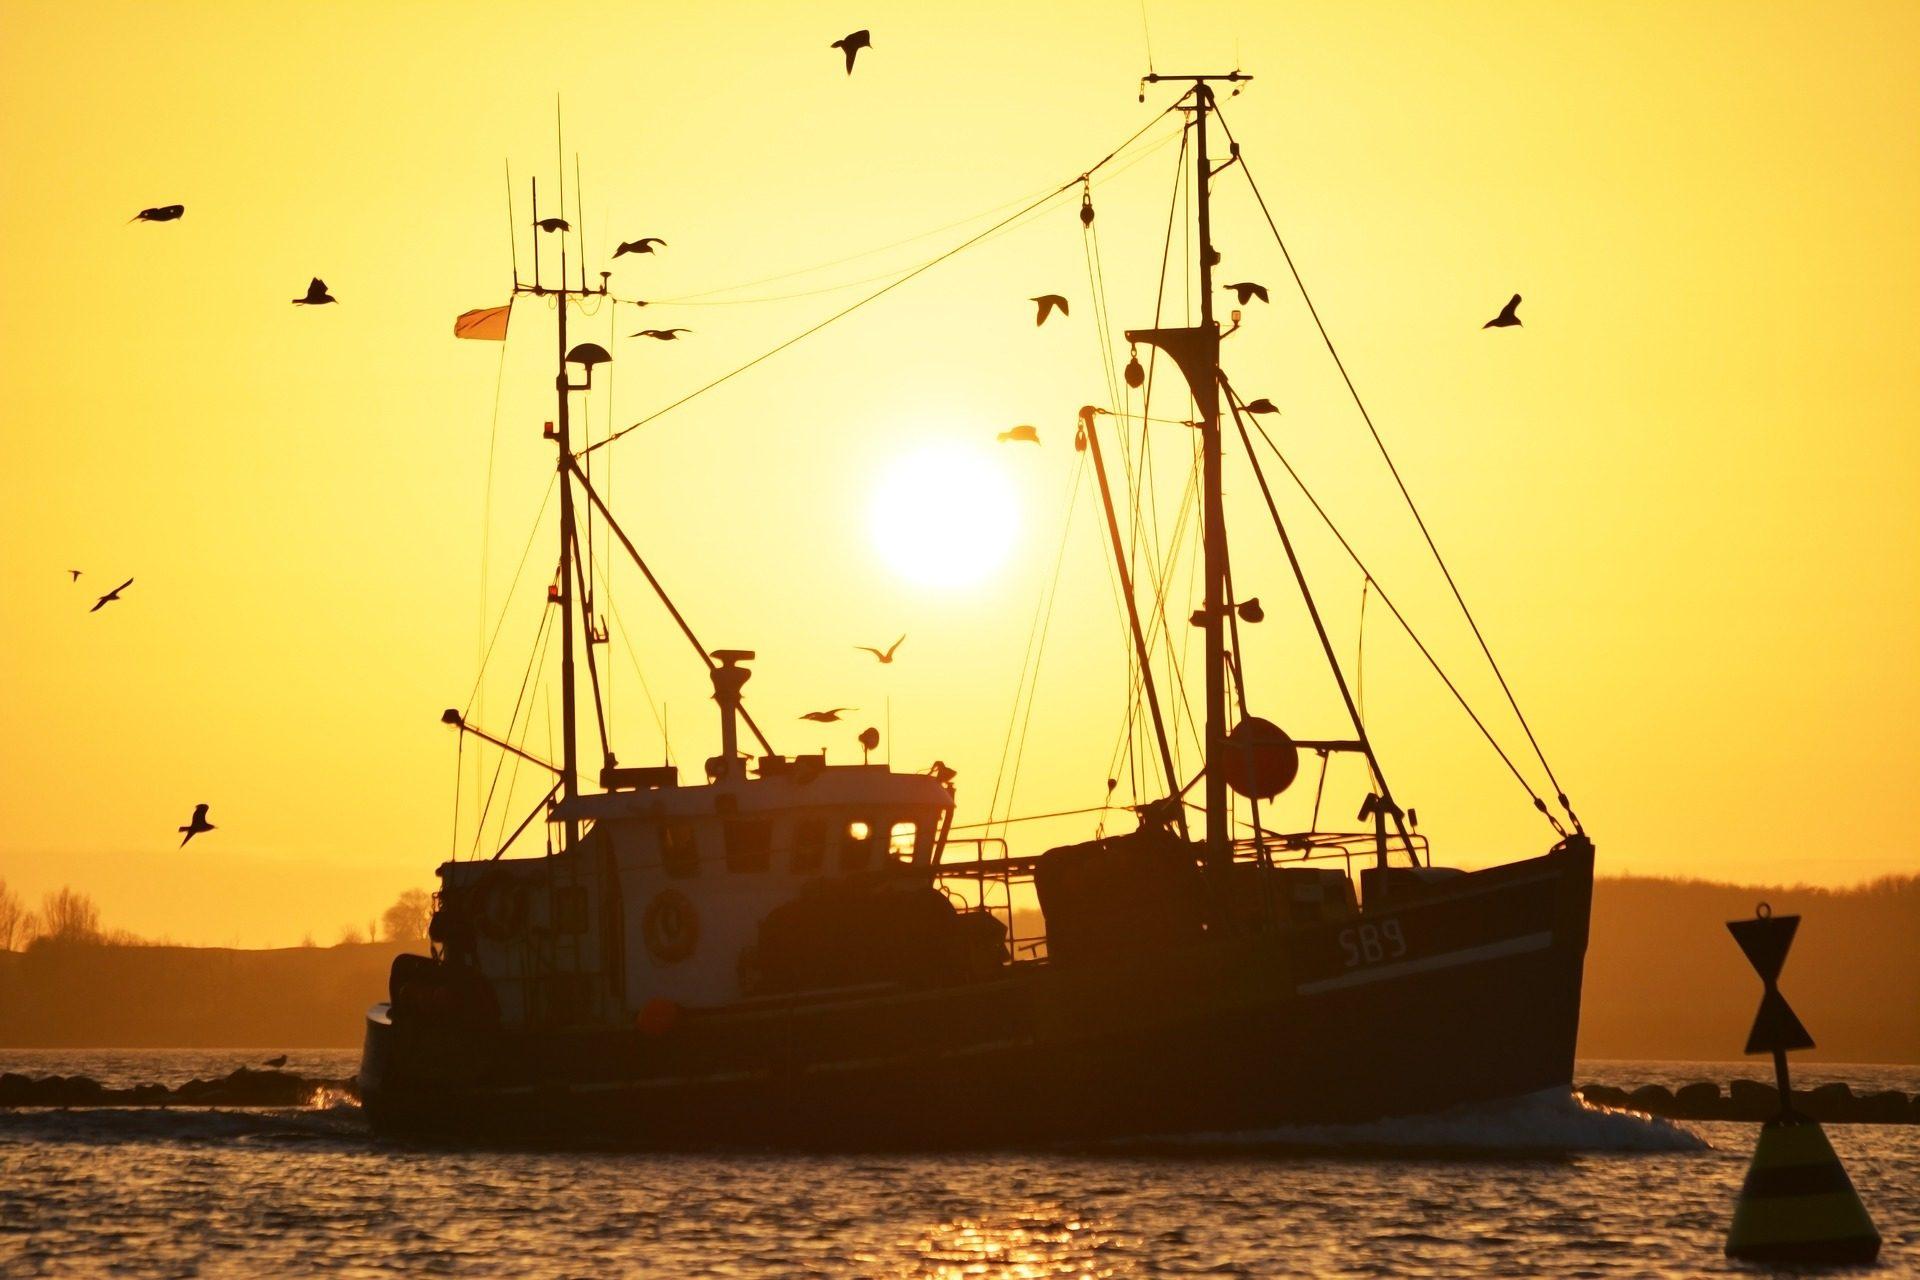 barca, pesca, pesca, gabbiani, Tramonto, Mare - Sfondi HD - Professor-falken.com